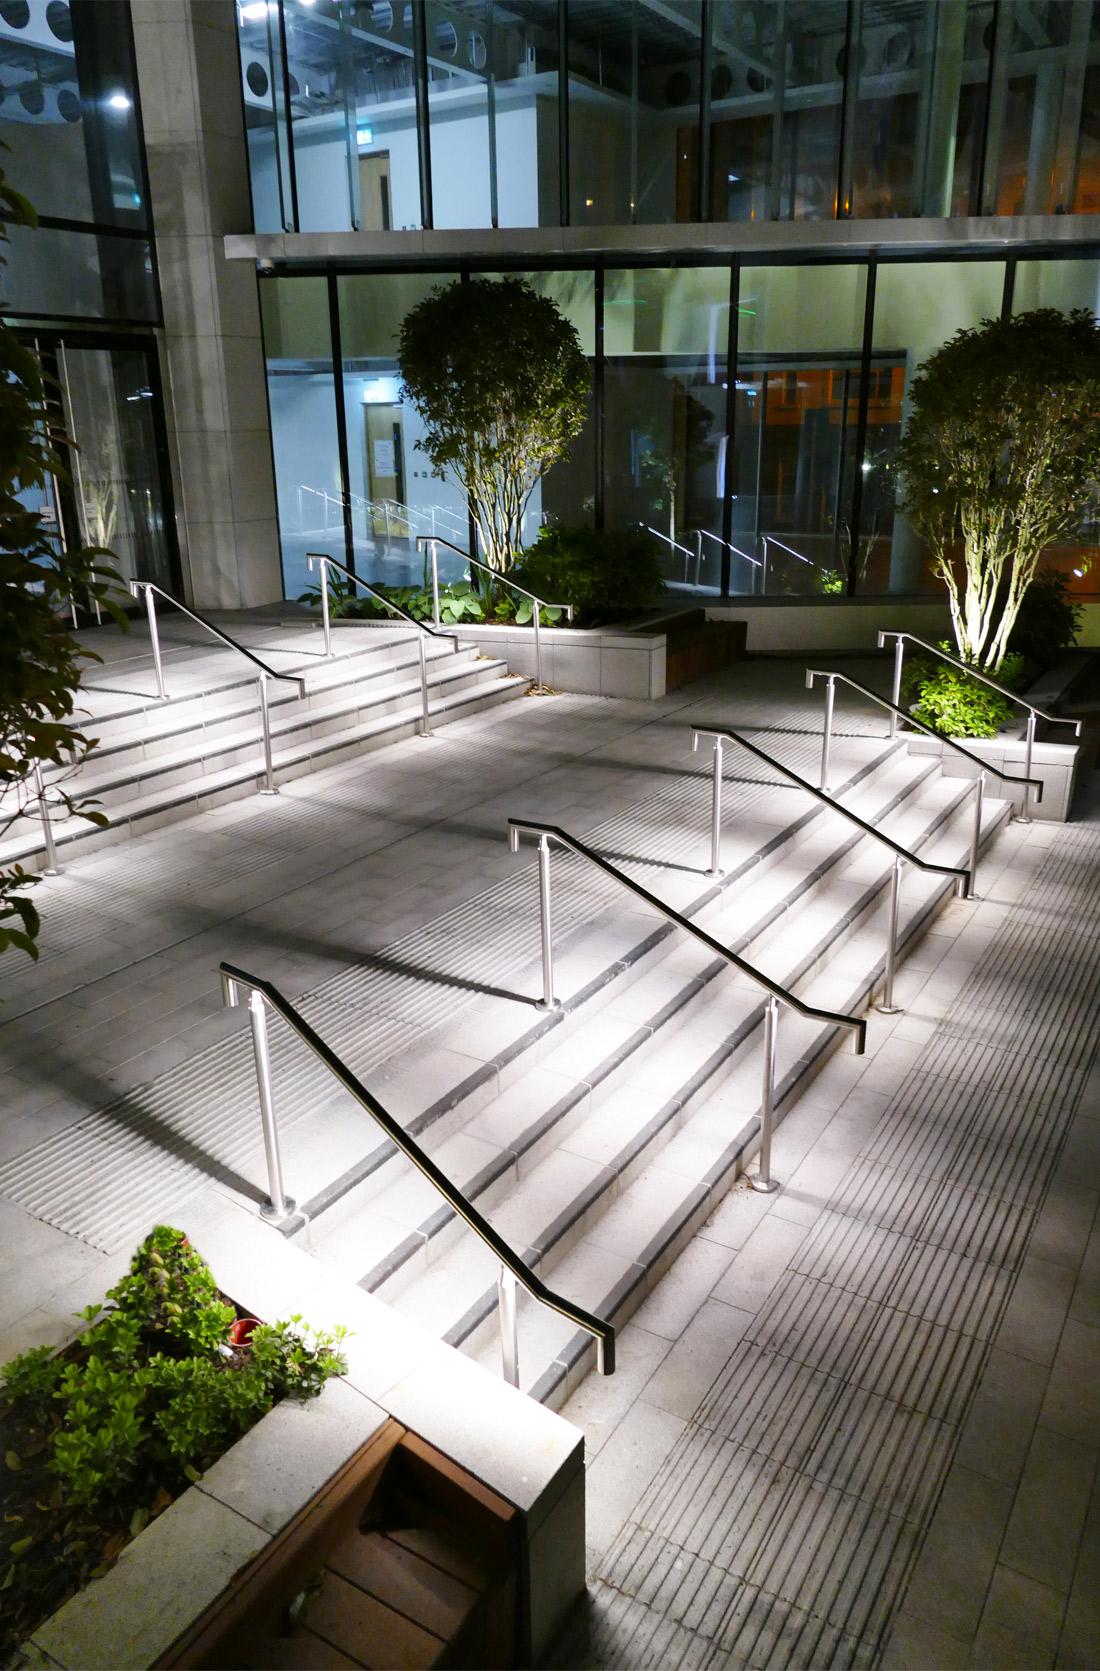 Liniled Handrail Installation